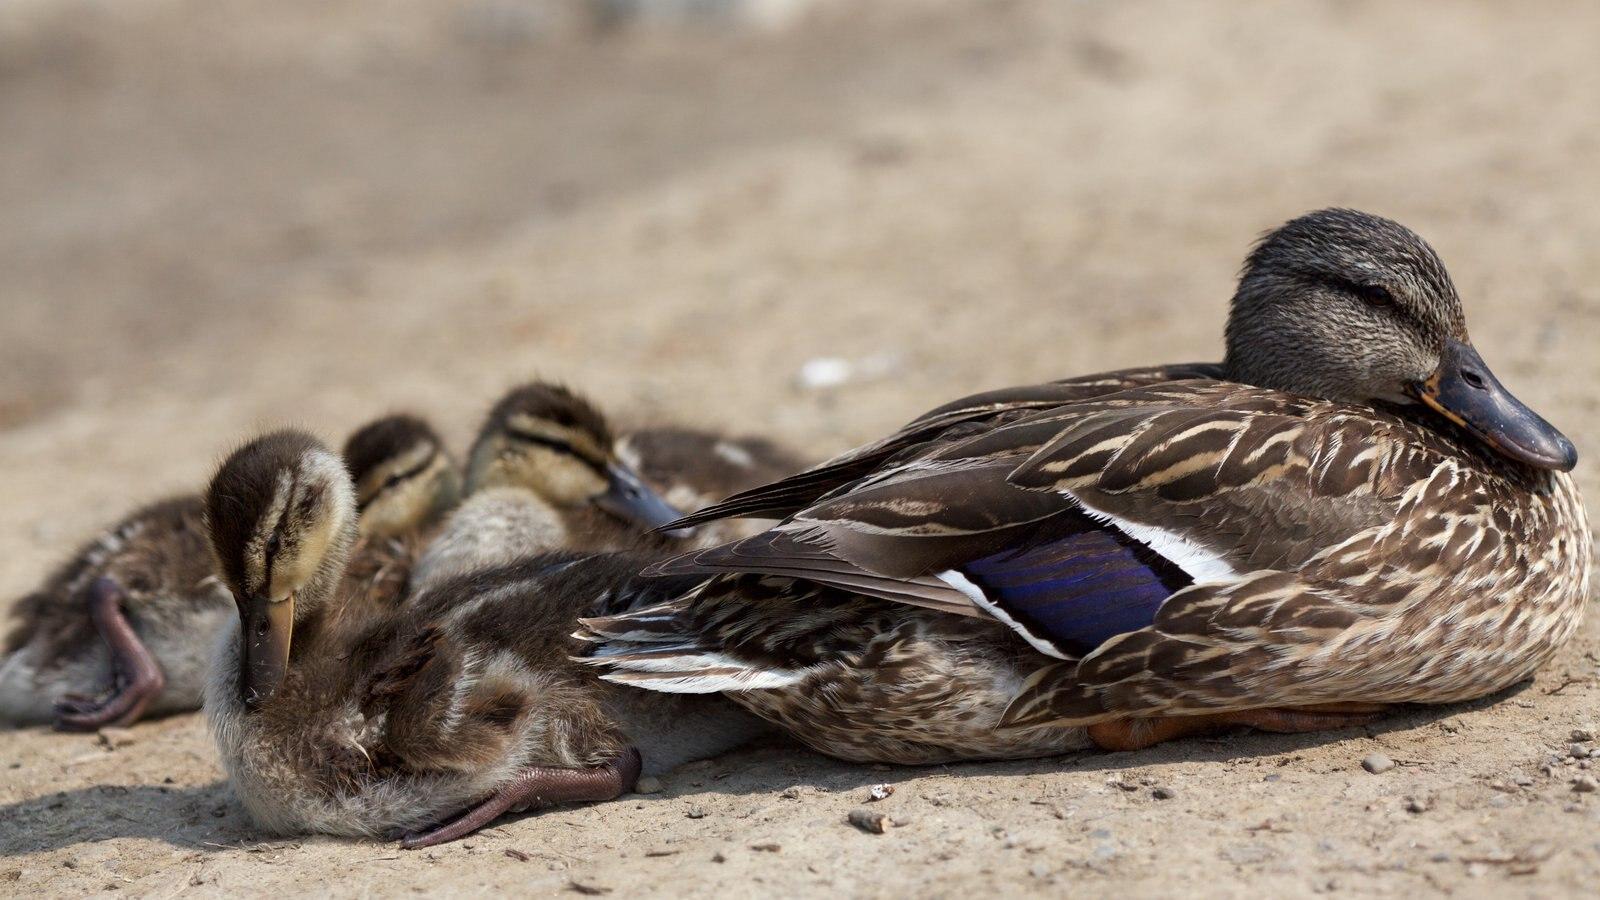 Brampton mostrando vida das aves e animais fofos ou amigáveis